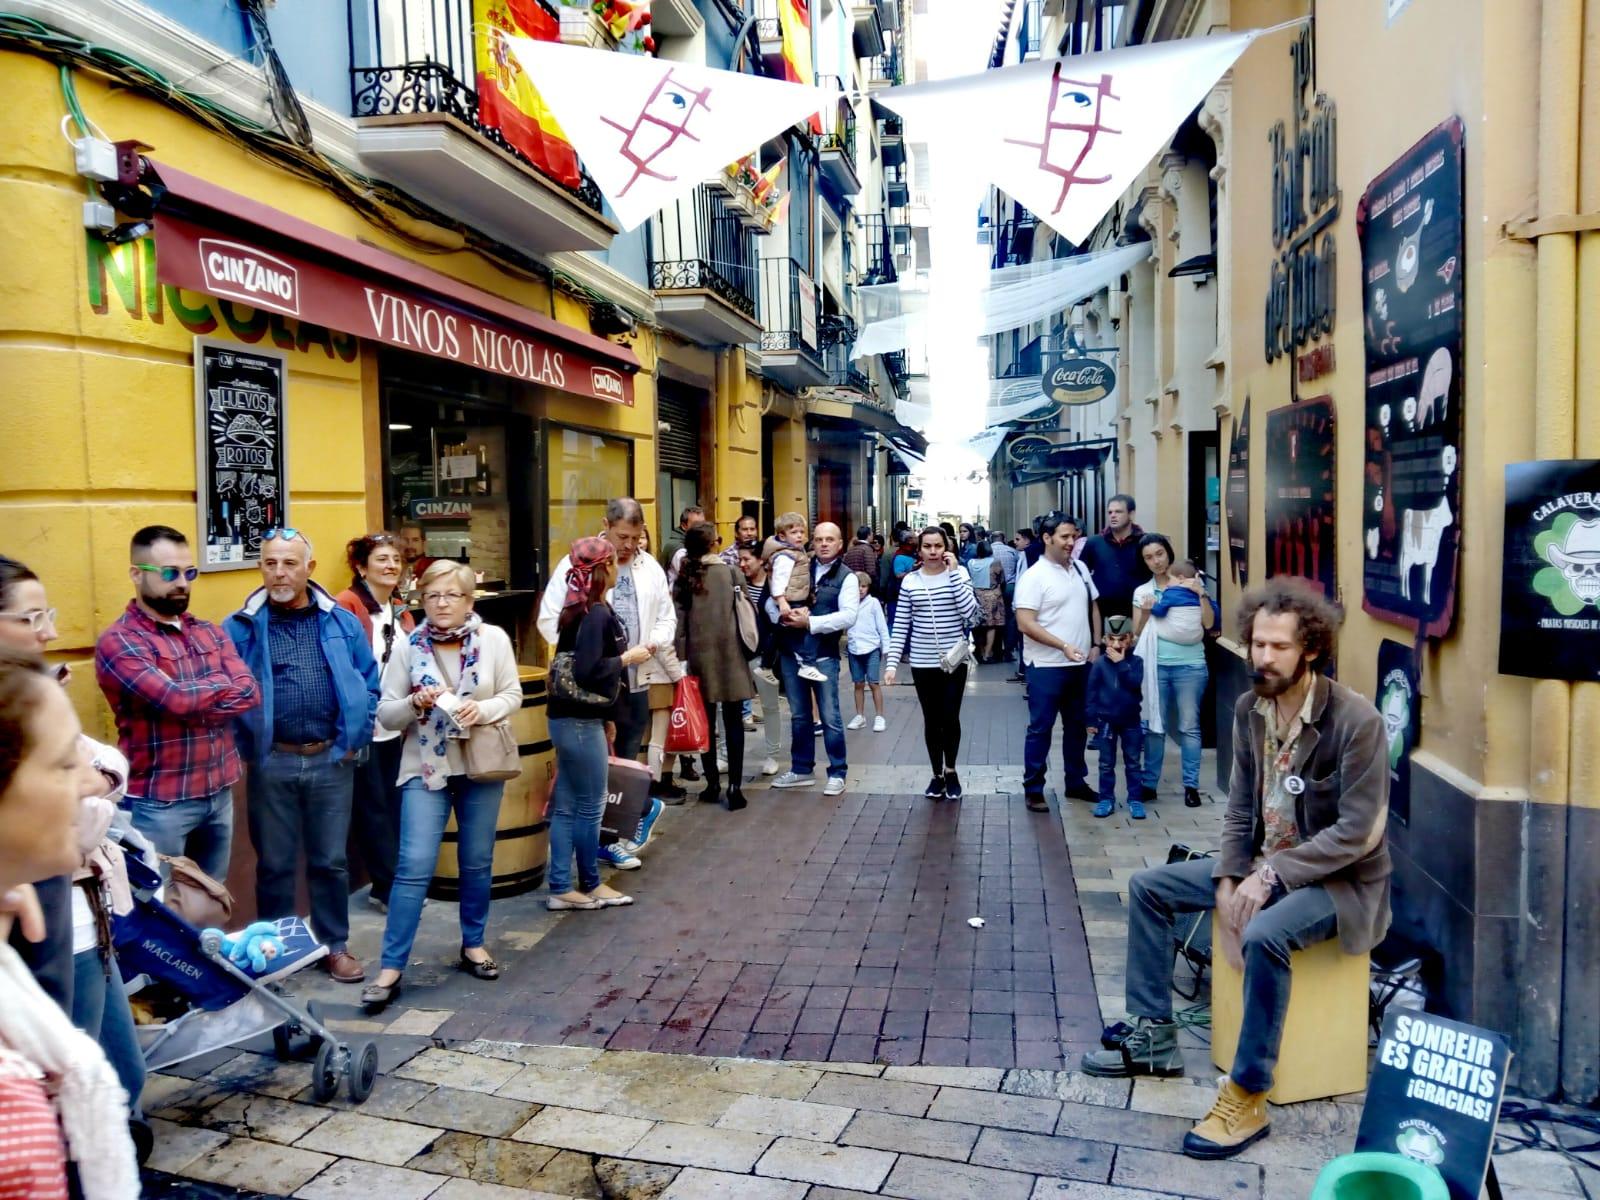 Zaragoza centro: domingo por la mañana 5